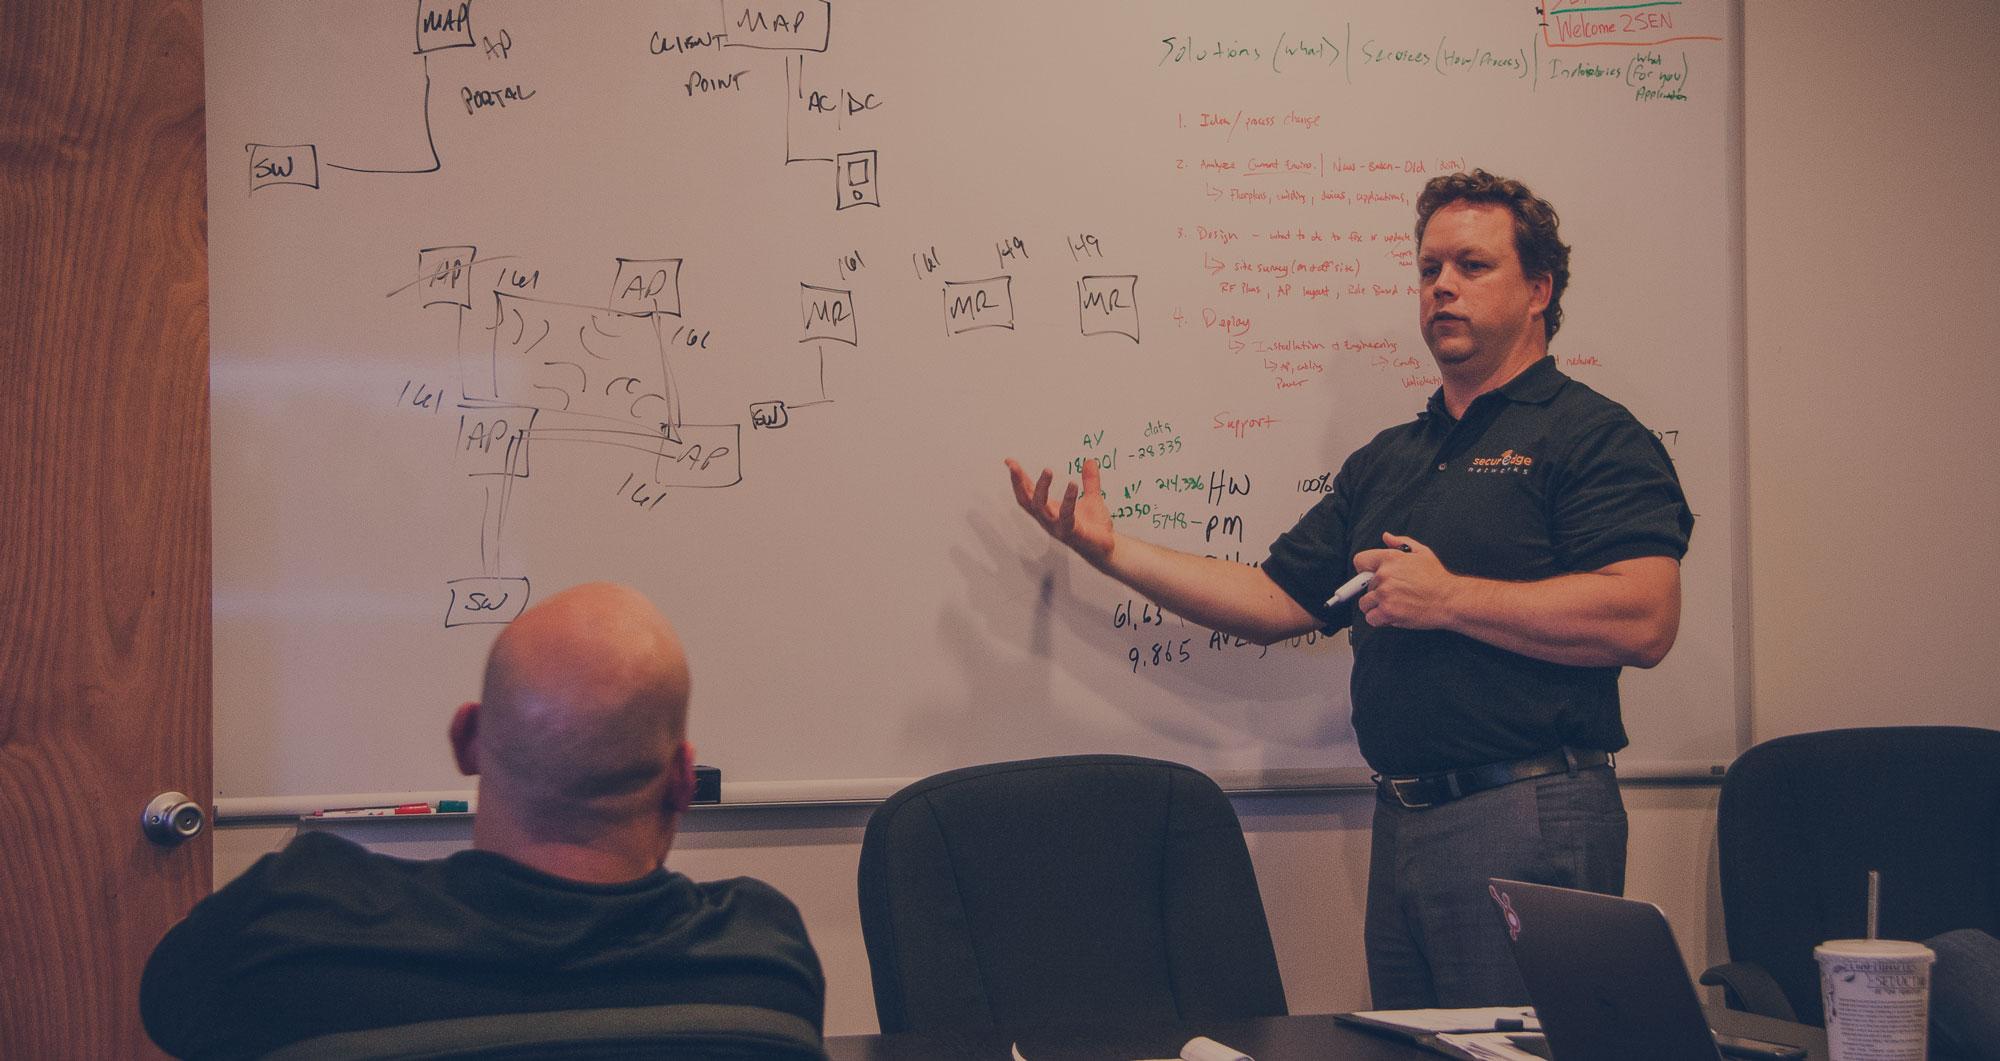 7 EssentialFactorsIT Managers Need toConsider BeforeTheir Next WLAN Design